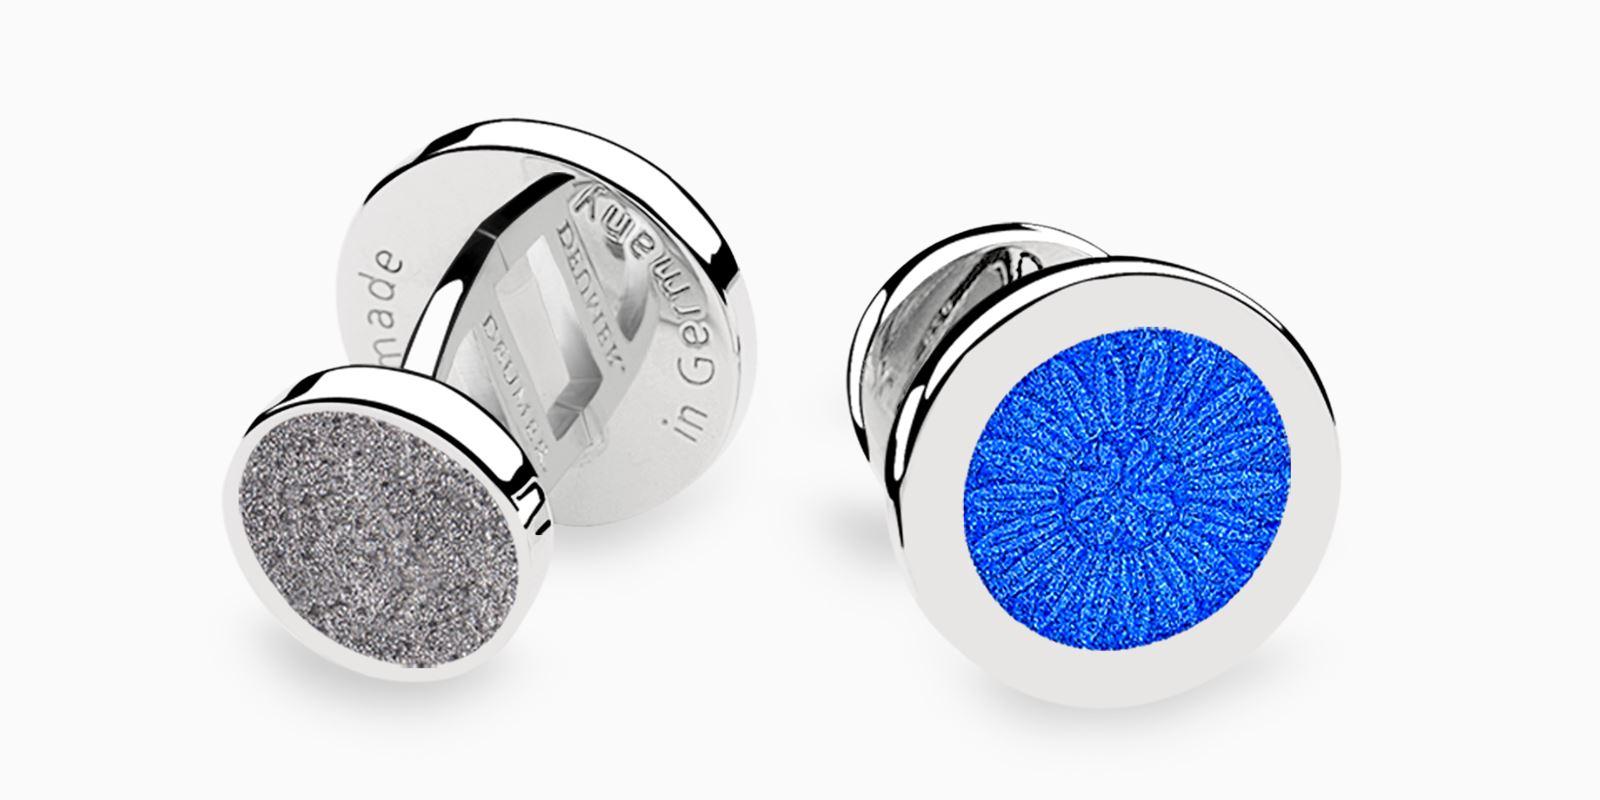 Deumer-Manschettenknopf-Emaille-Blau-Anthraziz-Silber